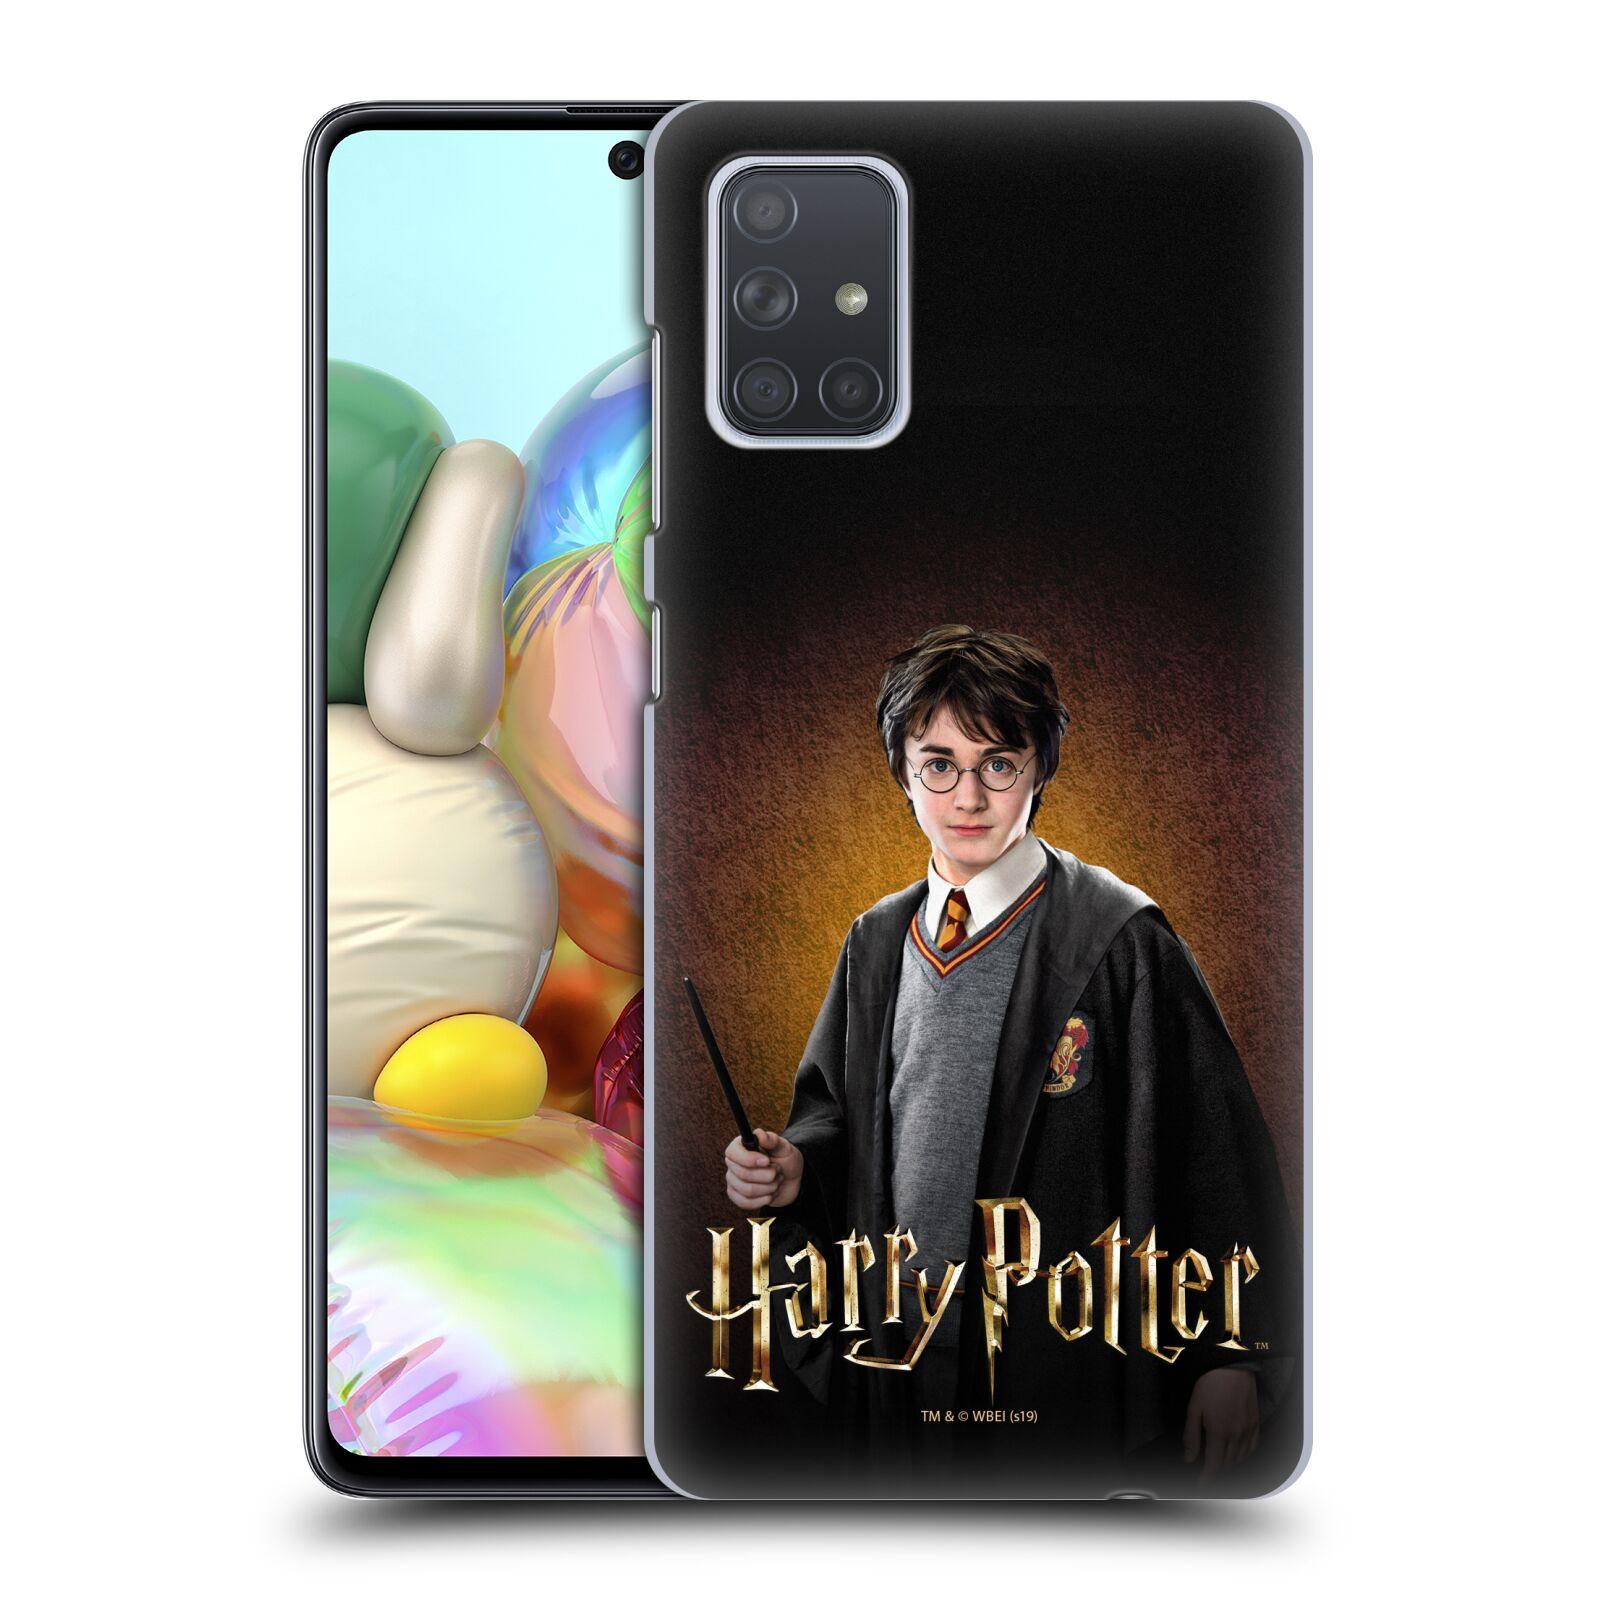 Plastové pouzdro na mobil Samsung Galaxy A71 - Harry Potter - Malý Harry Potter